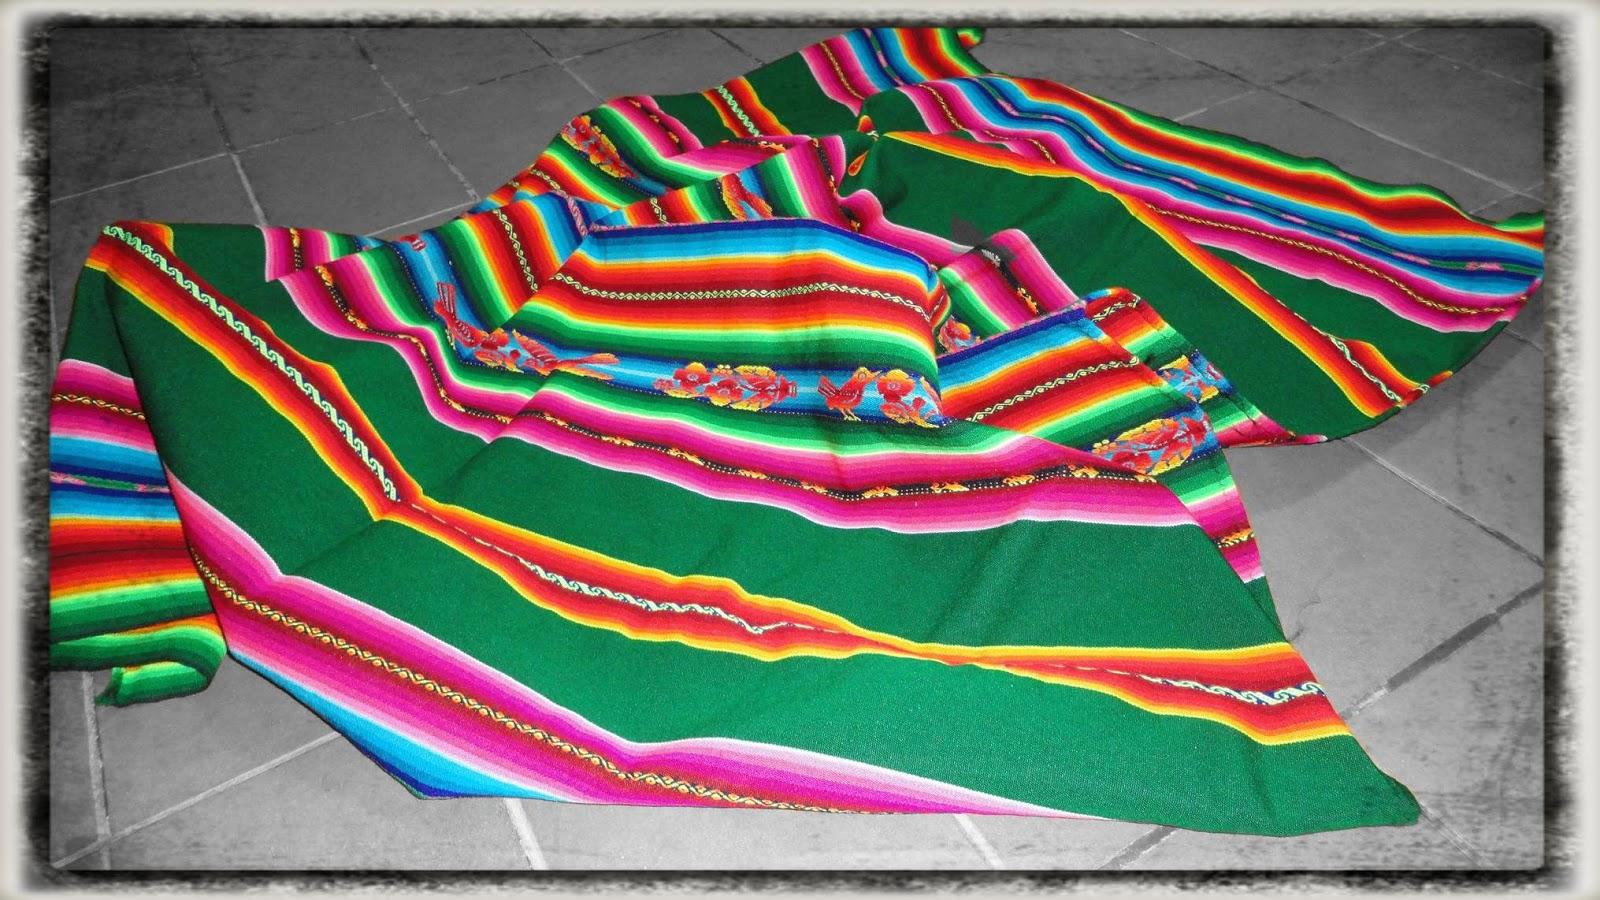 En Bolivia la vida se lleva cargada en un aguayo (tejido tradicional  andino). Desde el nacimiento hasta los últimos días 281c4fcc5da